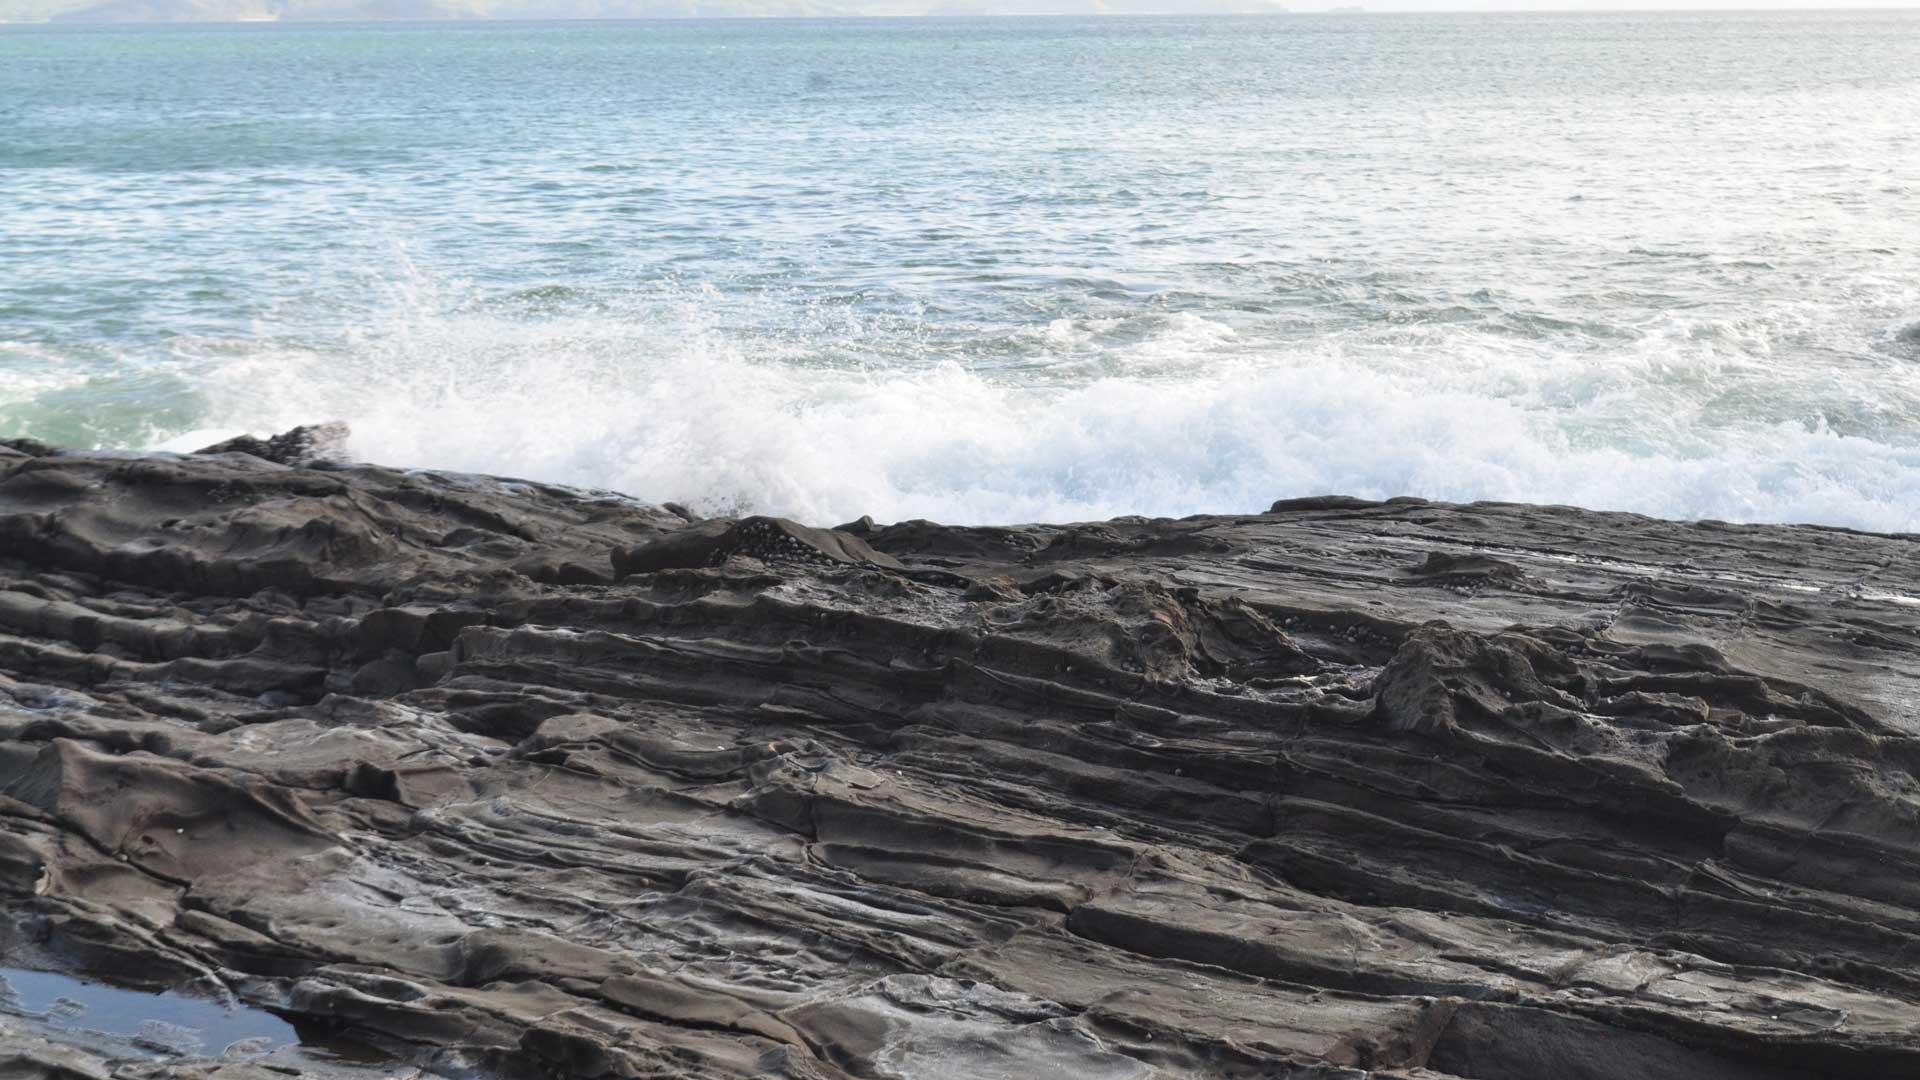 El mar choca contra las rocas produciendo el sonido de bravura del océano.